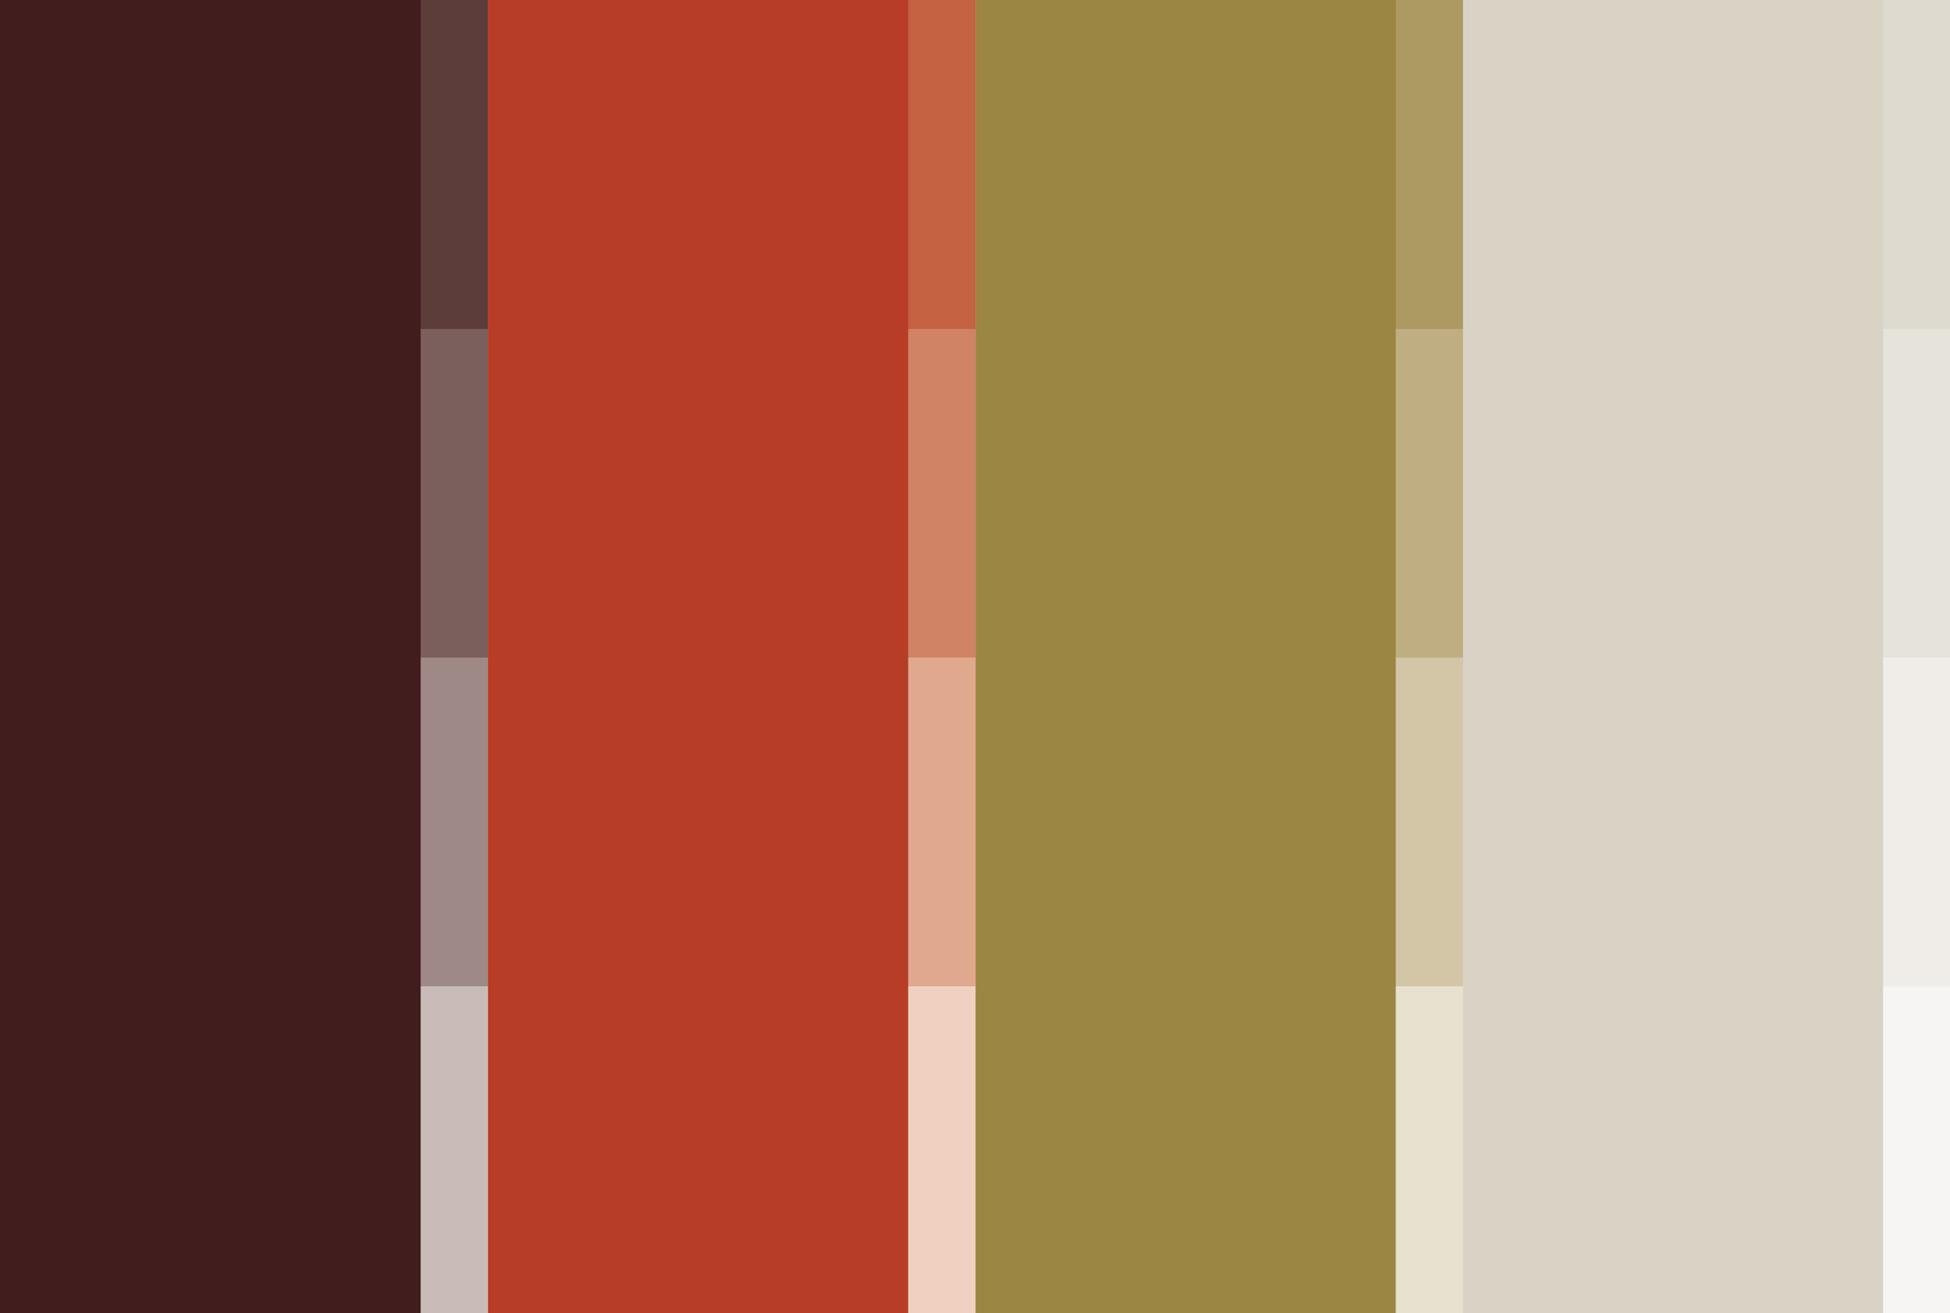 jmmartin_color-profile.jpg